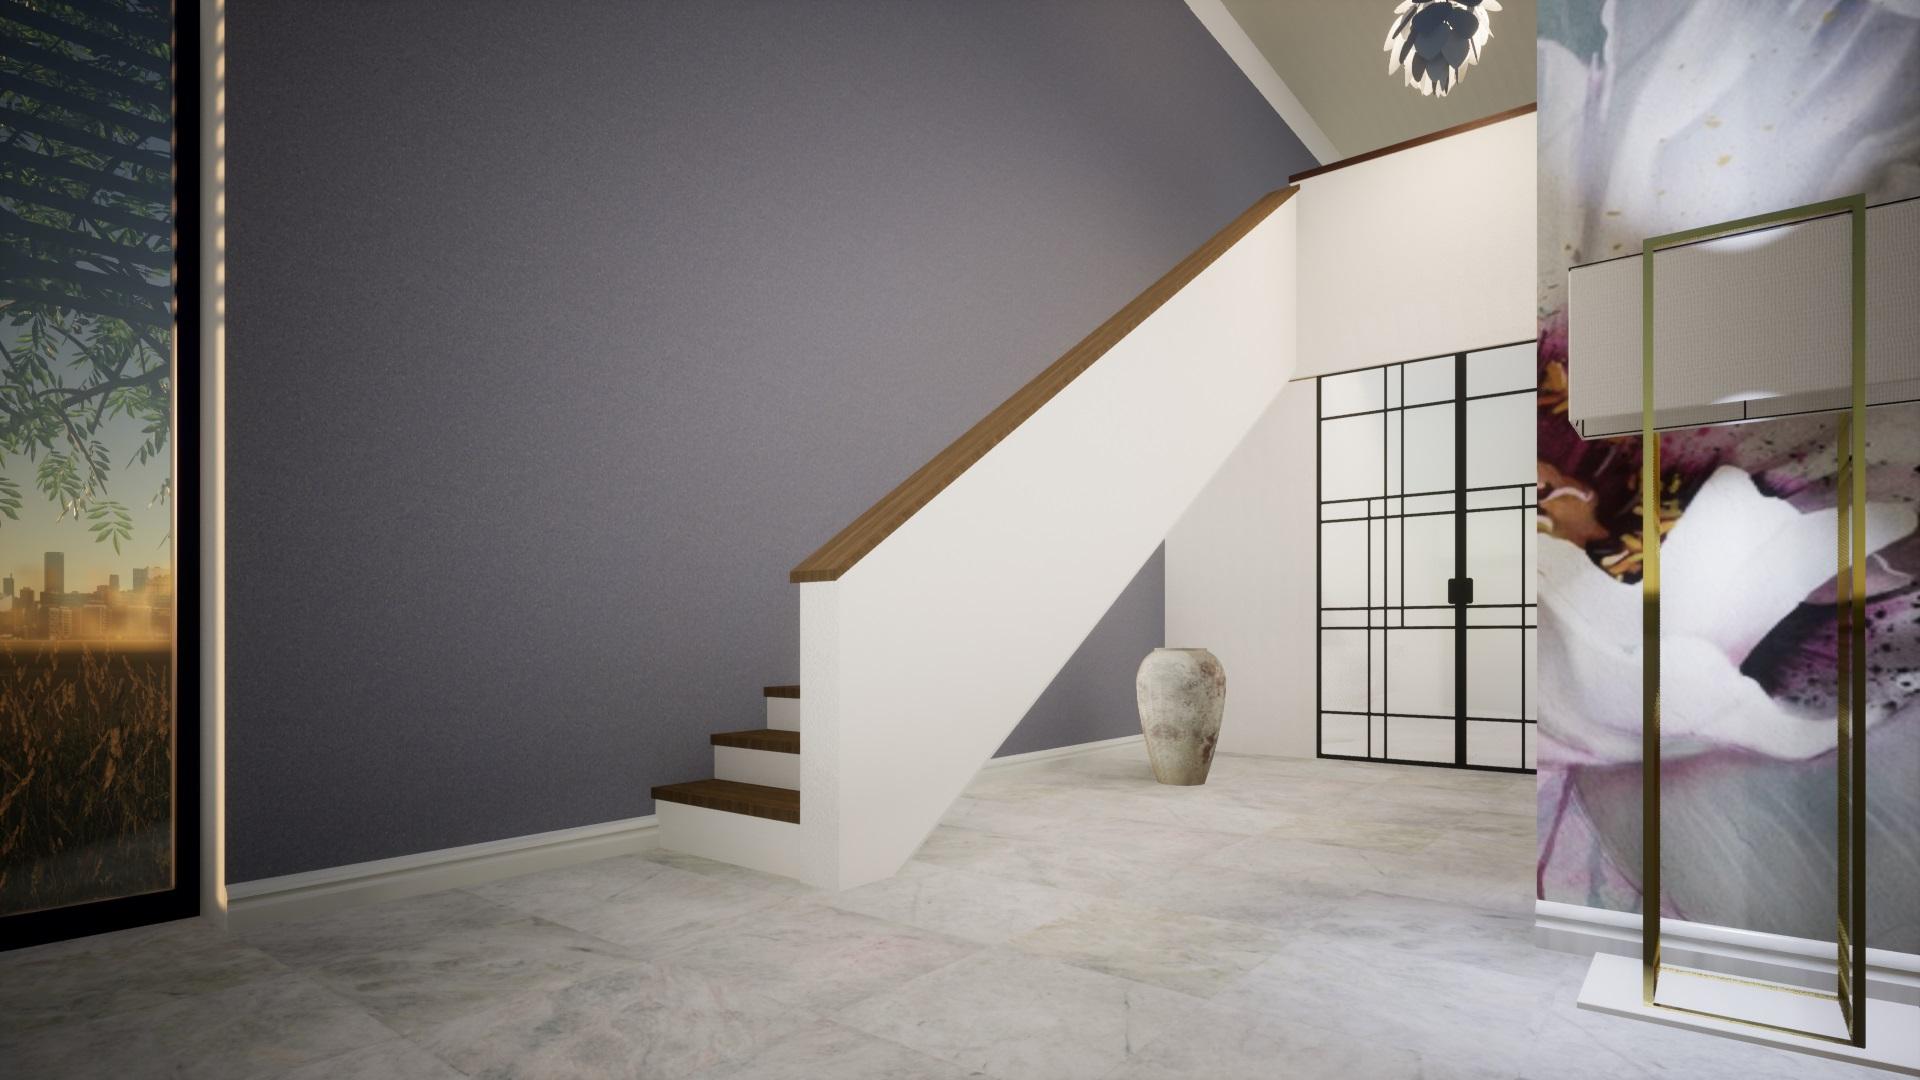 Ausstattung und Details - Geniale Lösungen Perfekter Treppenstyle